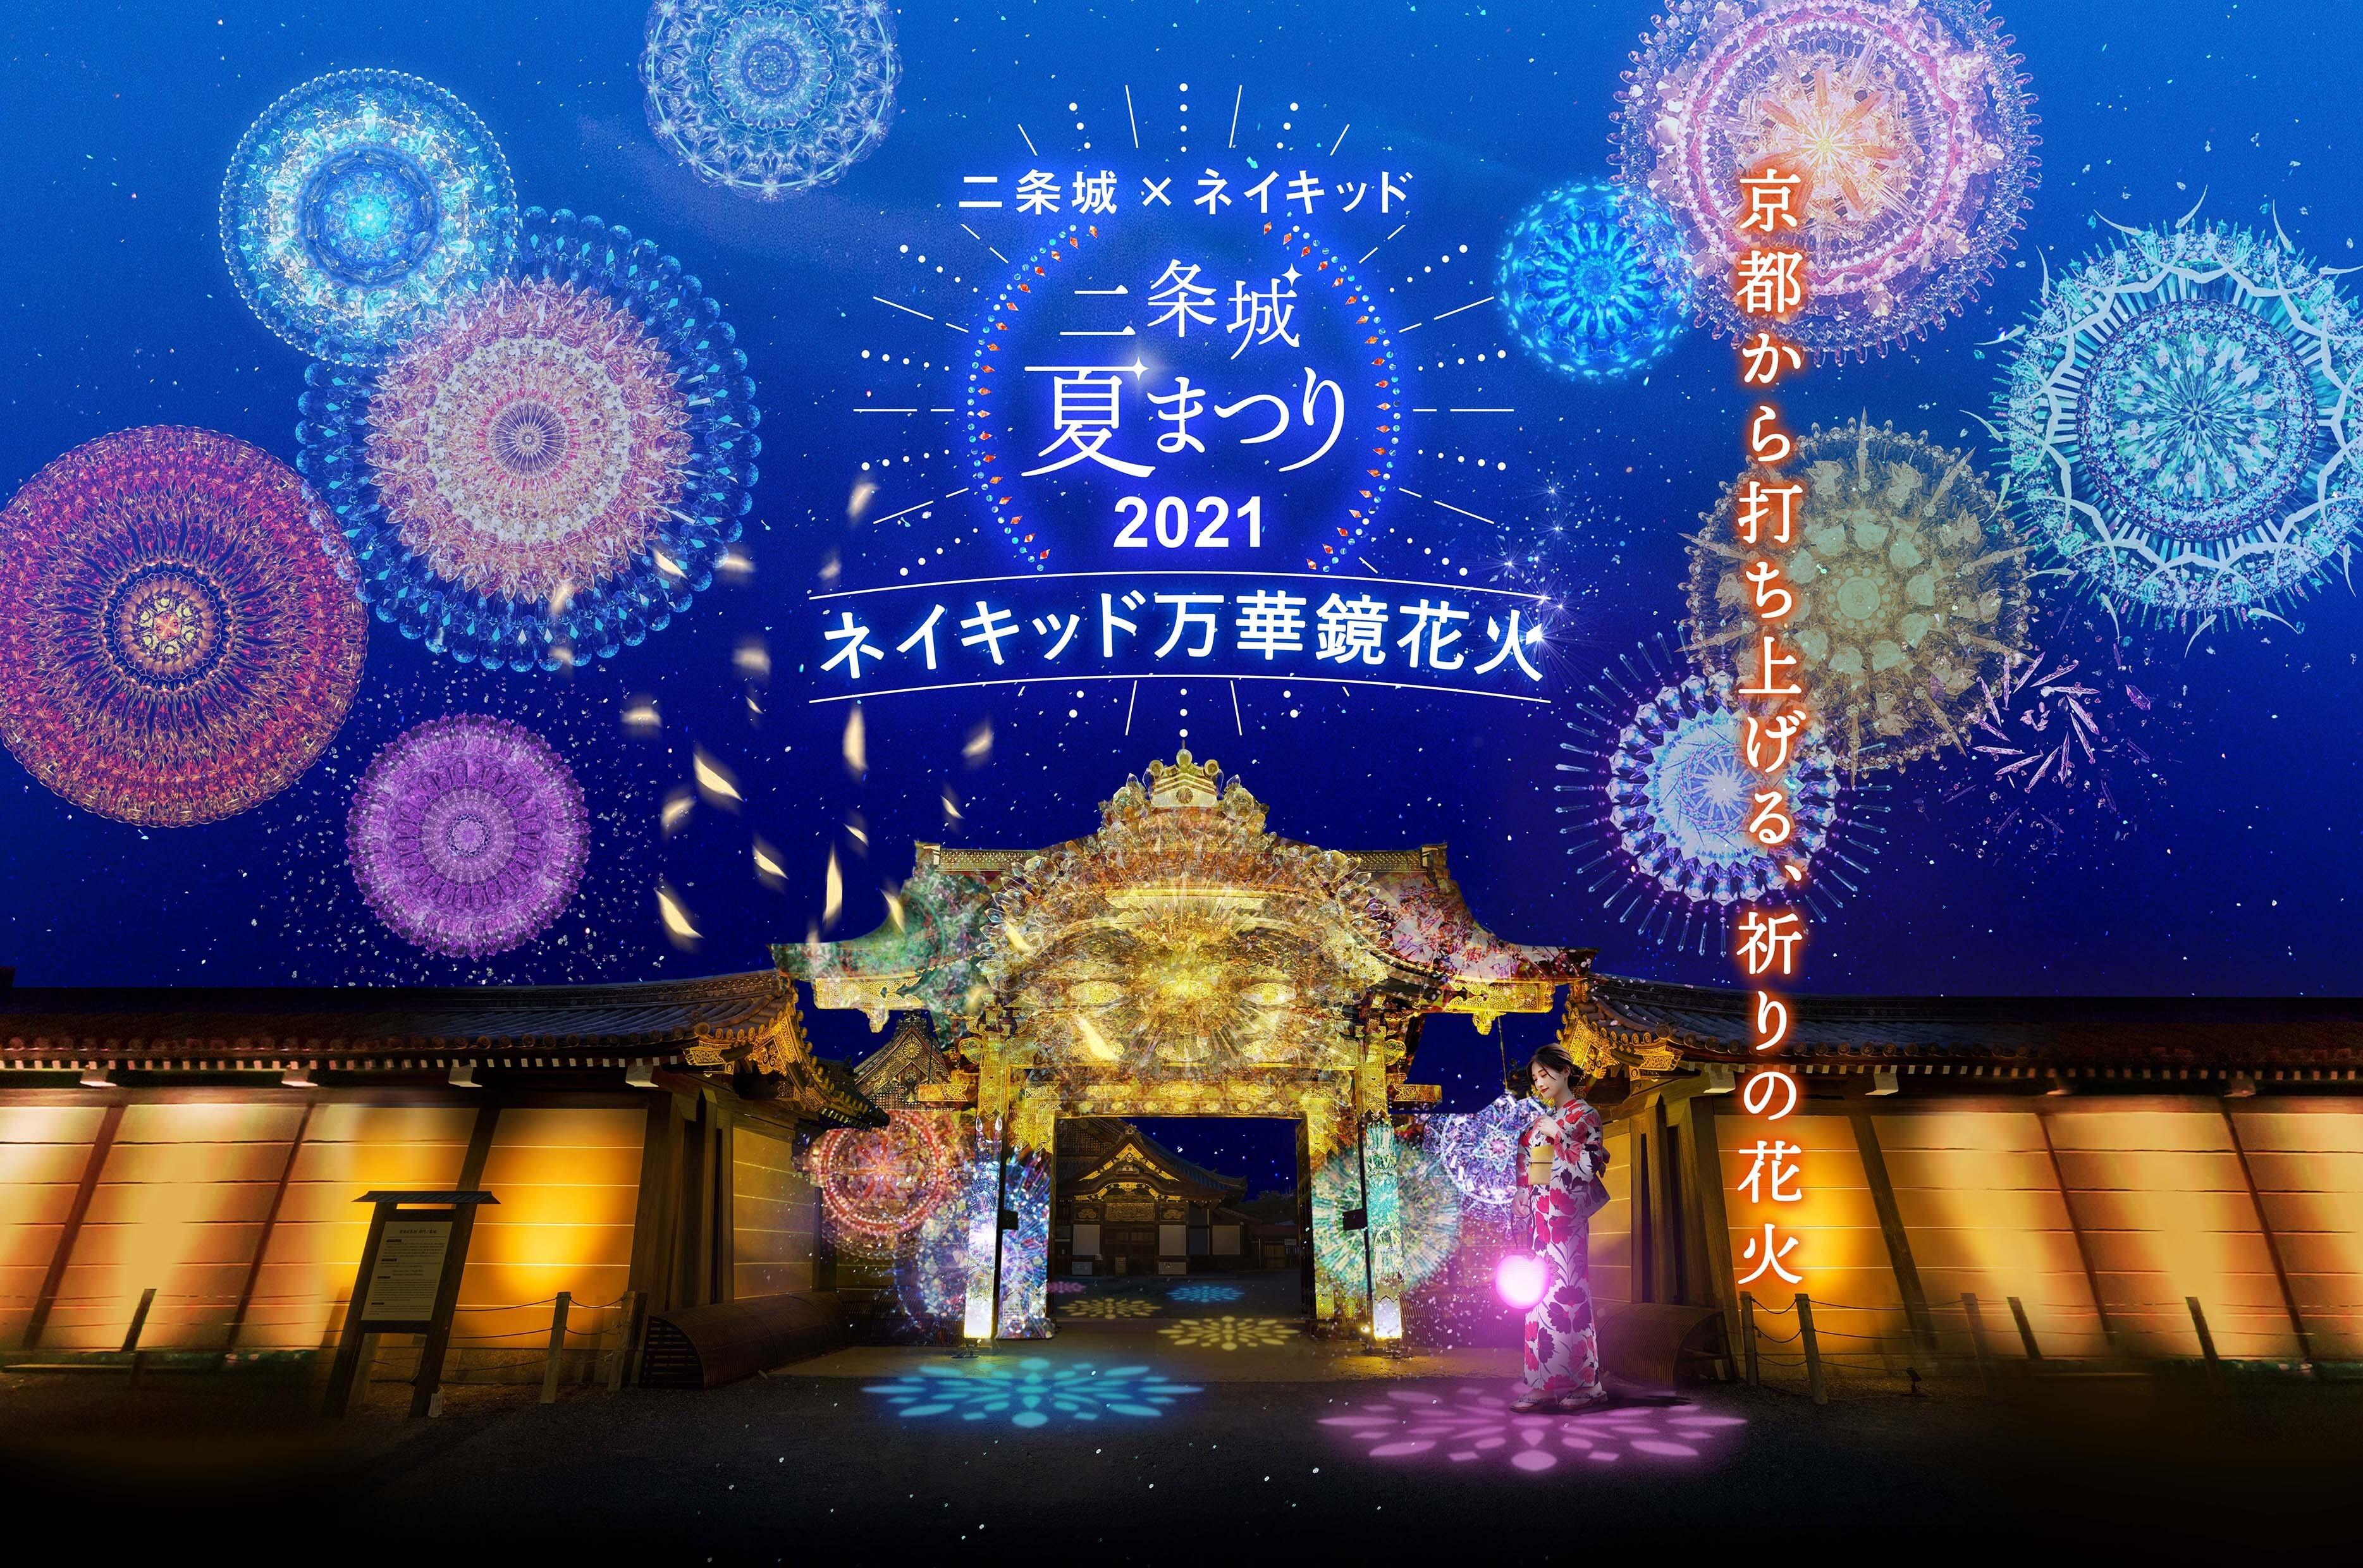 『二条城×ネイキッド 二条城夏まつり2021〜ネイキッド万華鏡花火〜』